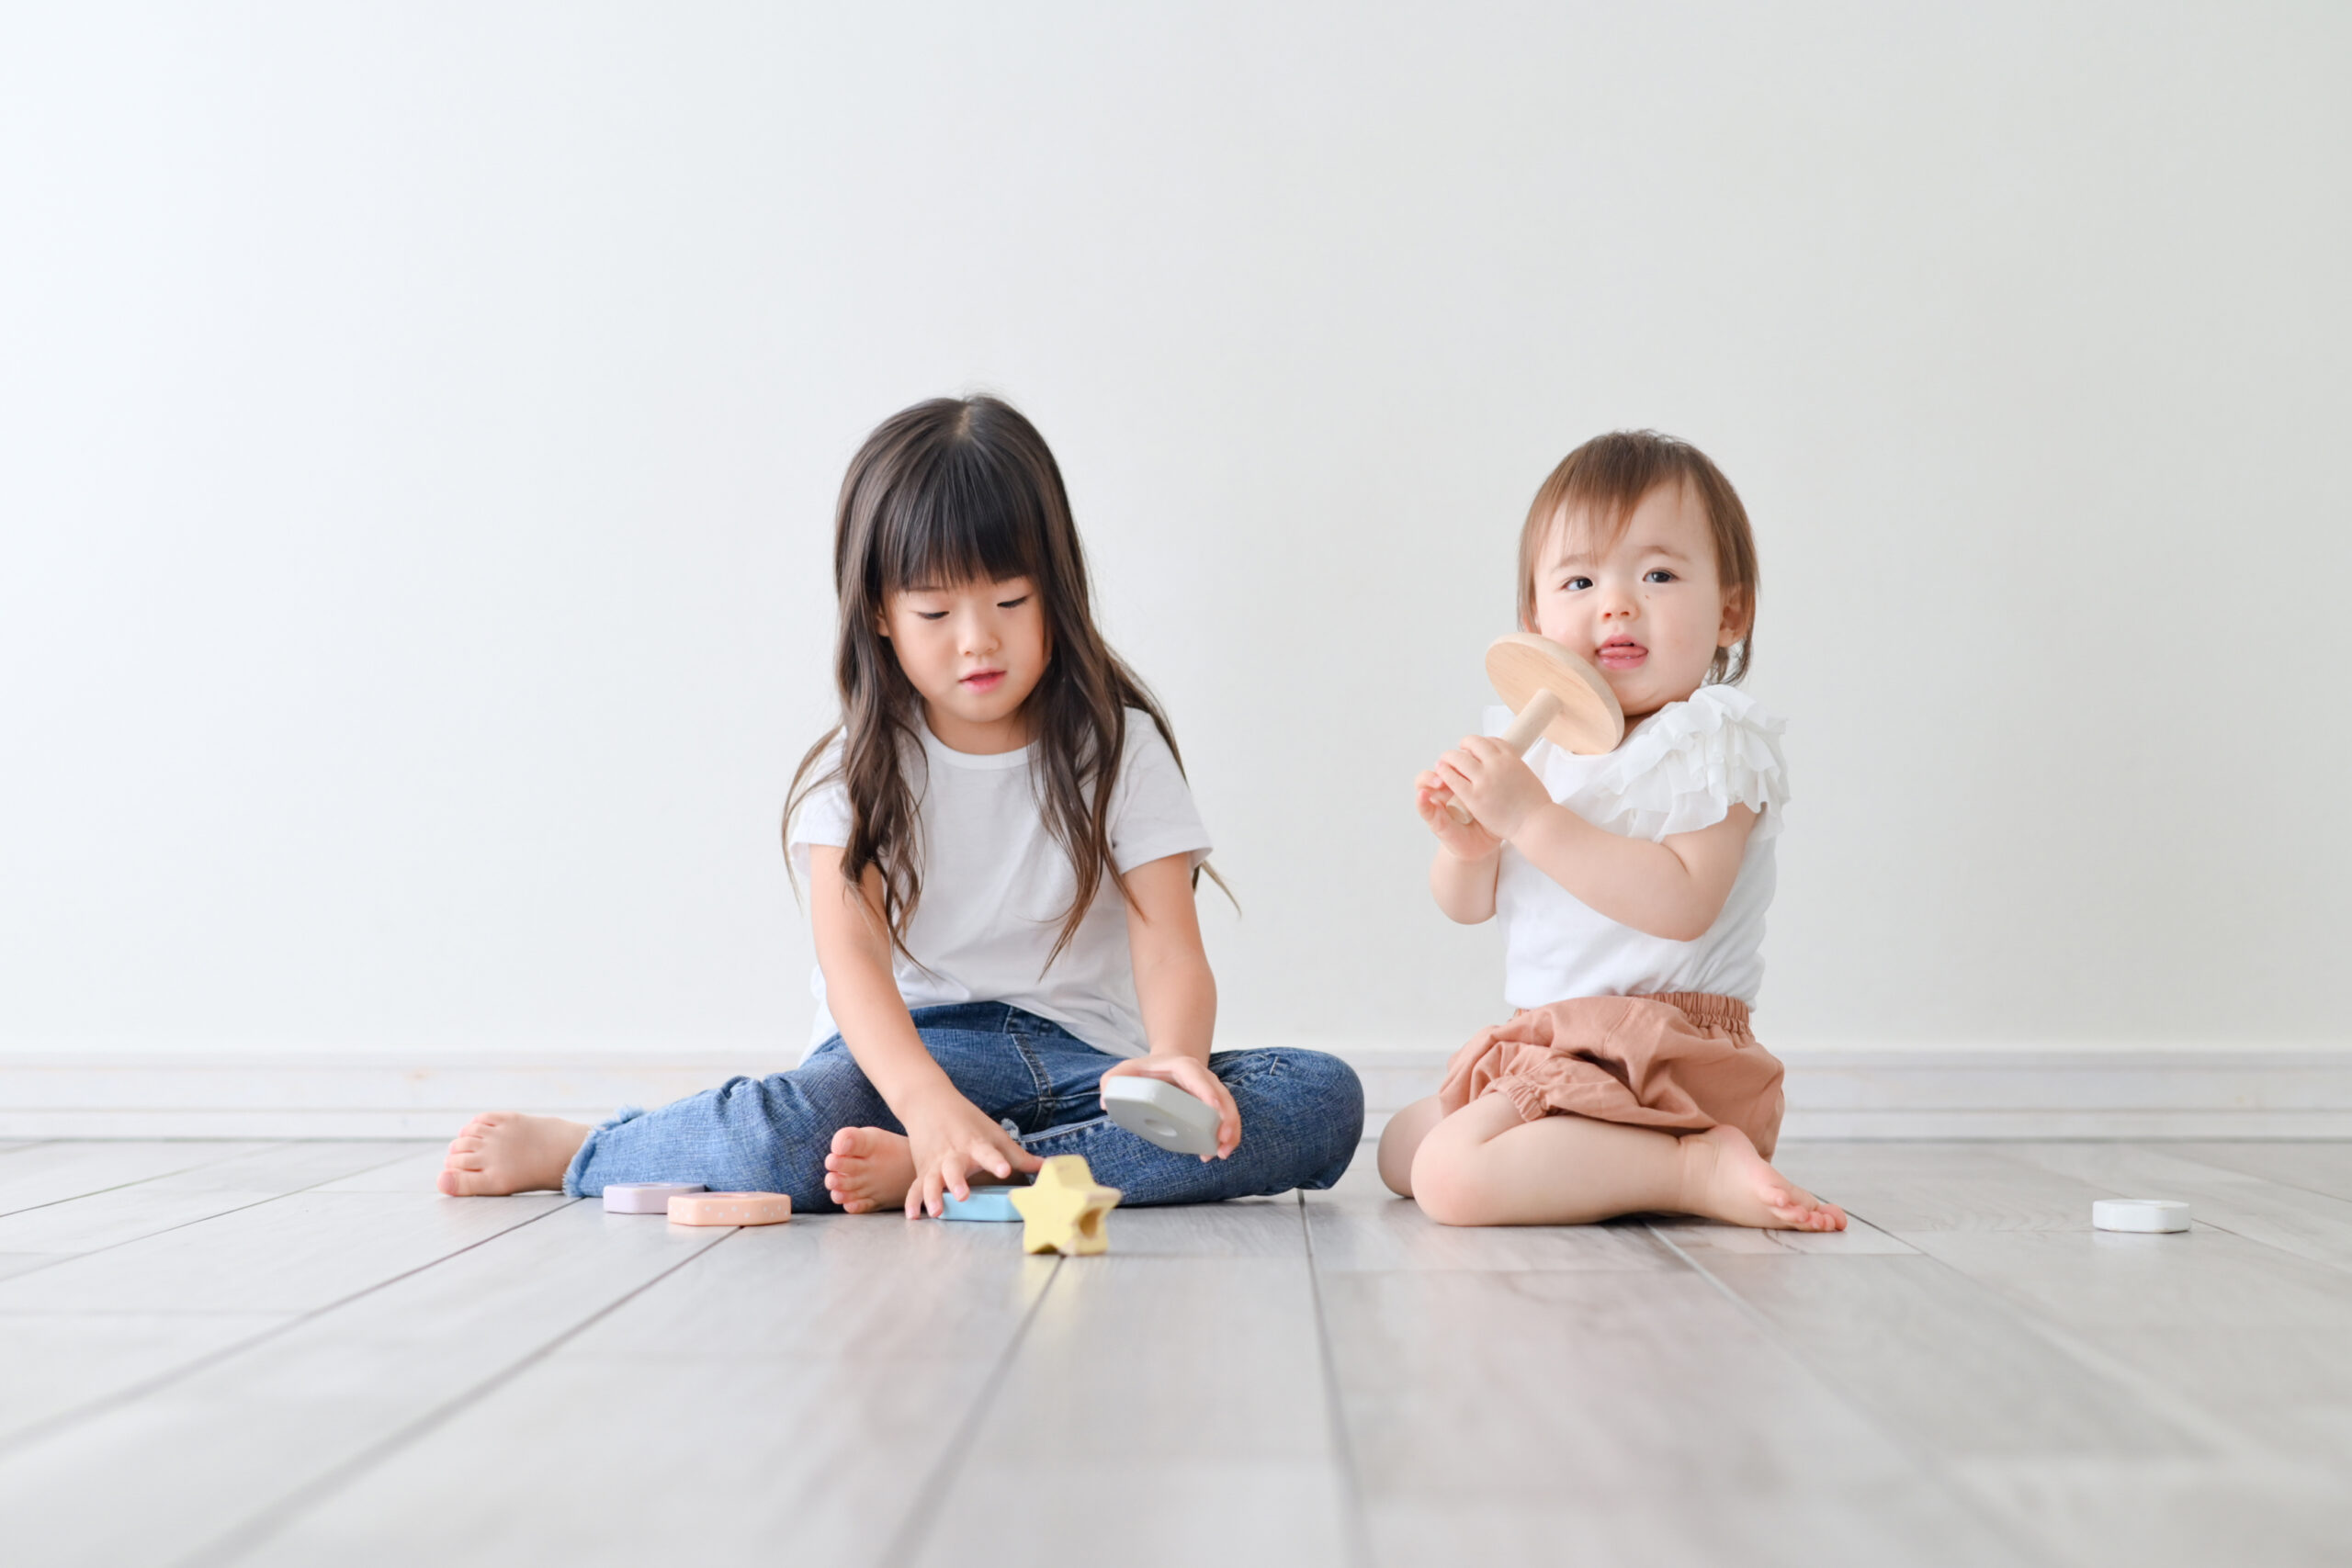 1歳 誕生日 女の子 おめでとう 宇都宮フォトスタジオ フォトジェニックサクラスタジオ 姉妹写真 お姉ちゃんと遊ぶの楽しい